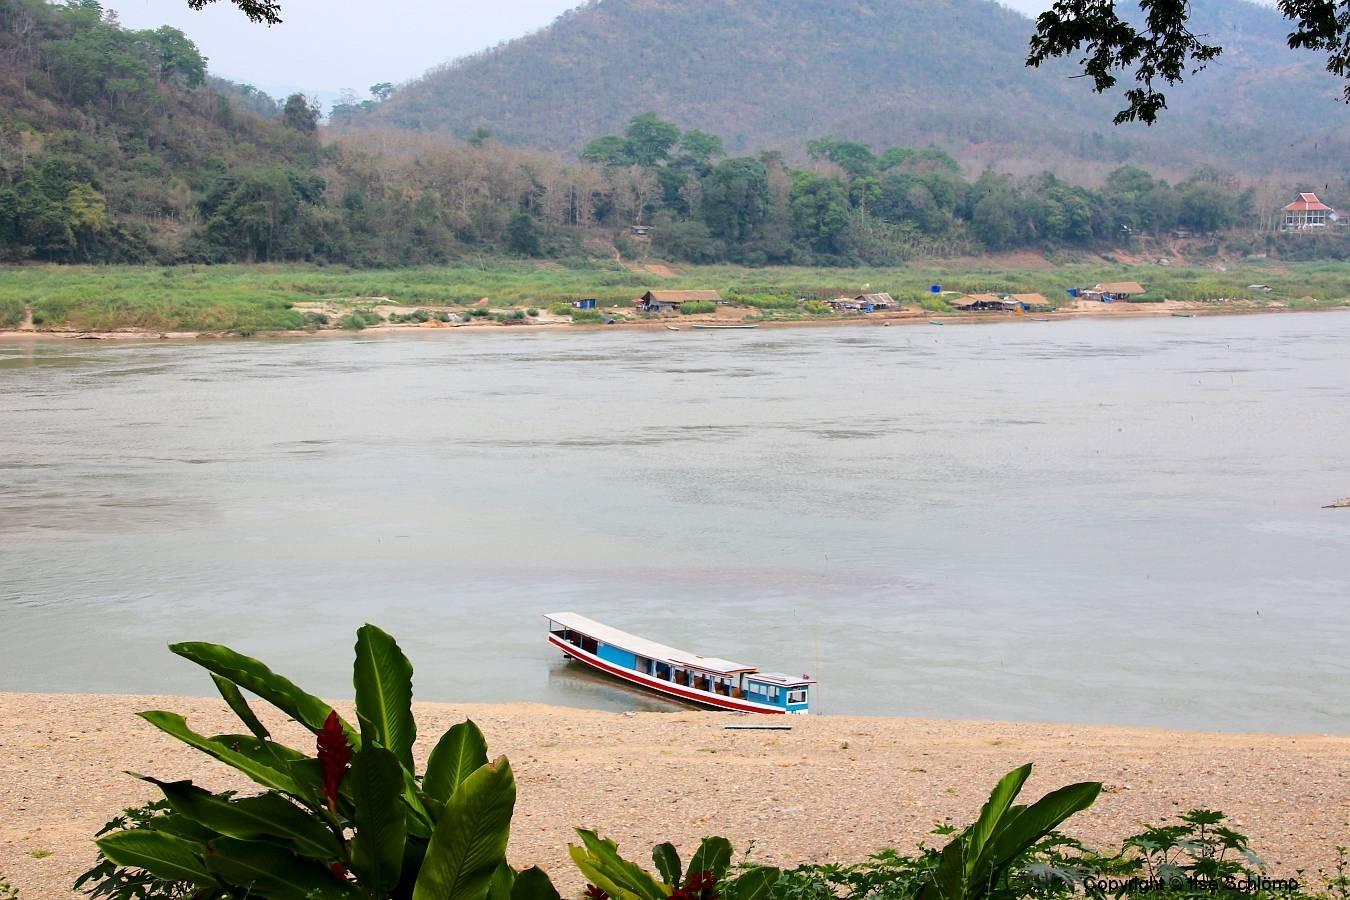 Laos, Luang Prabang, Am Mekong